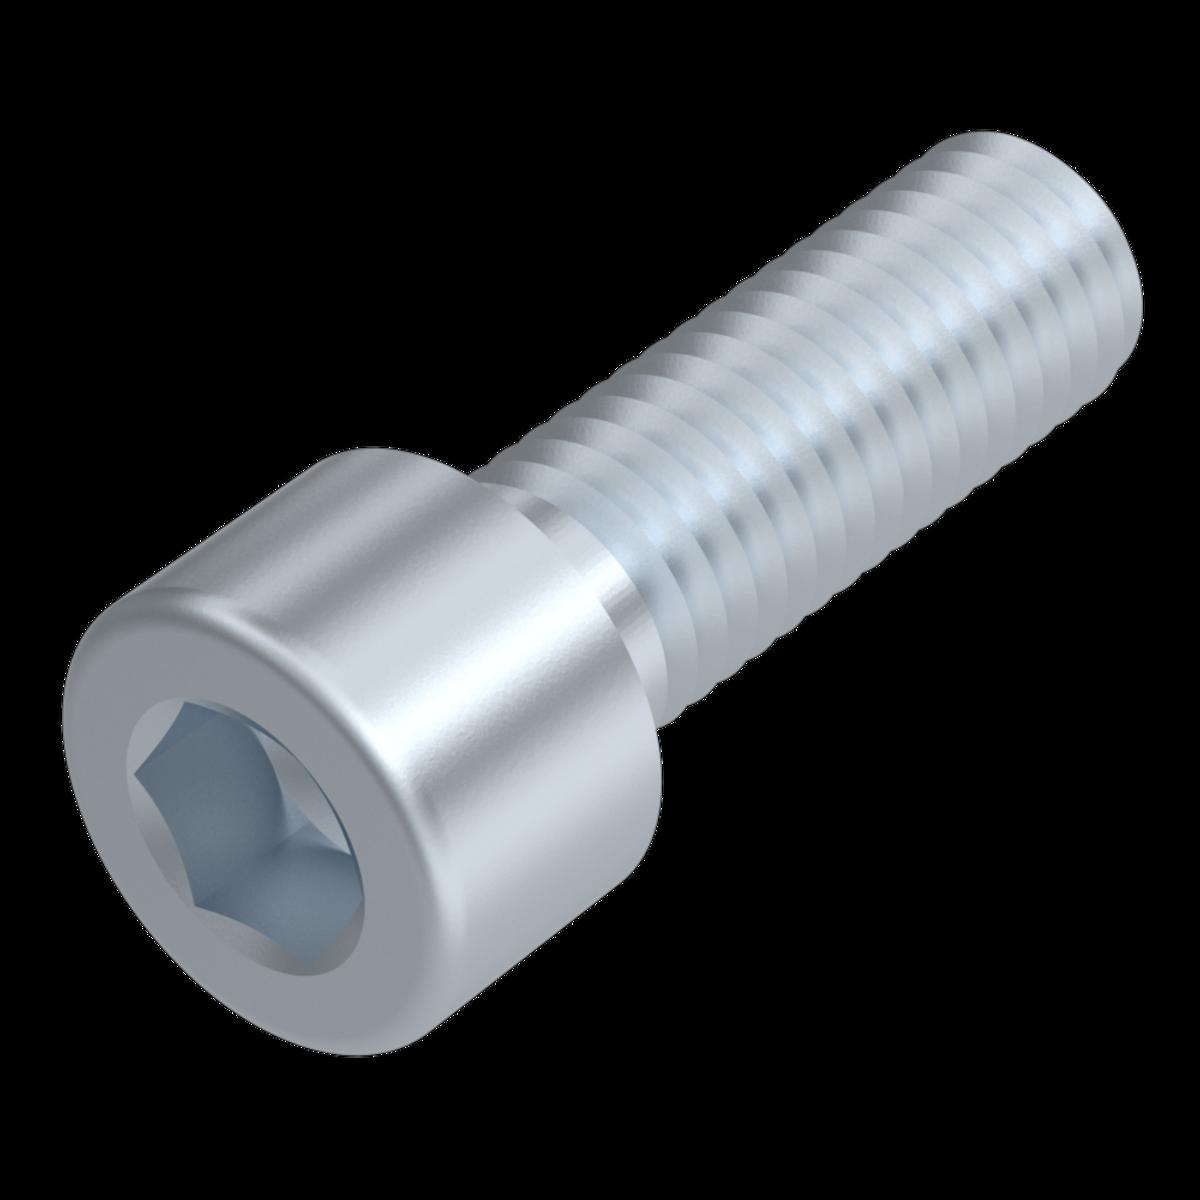 Zylinderschrauben M6x85 DIN 912 10 St/ück Festigkeit 12.9 mit Innensechskant schwarz